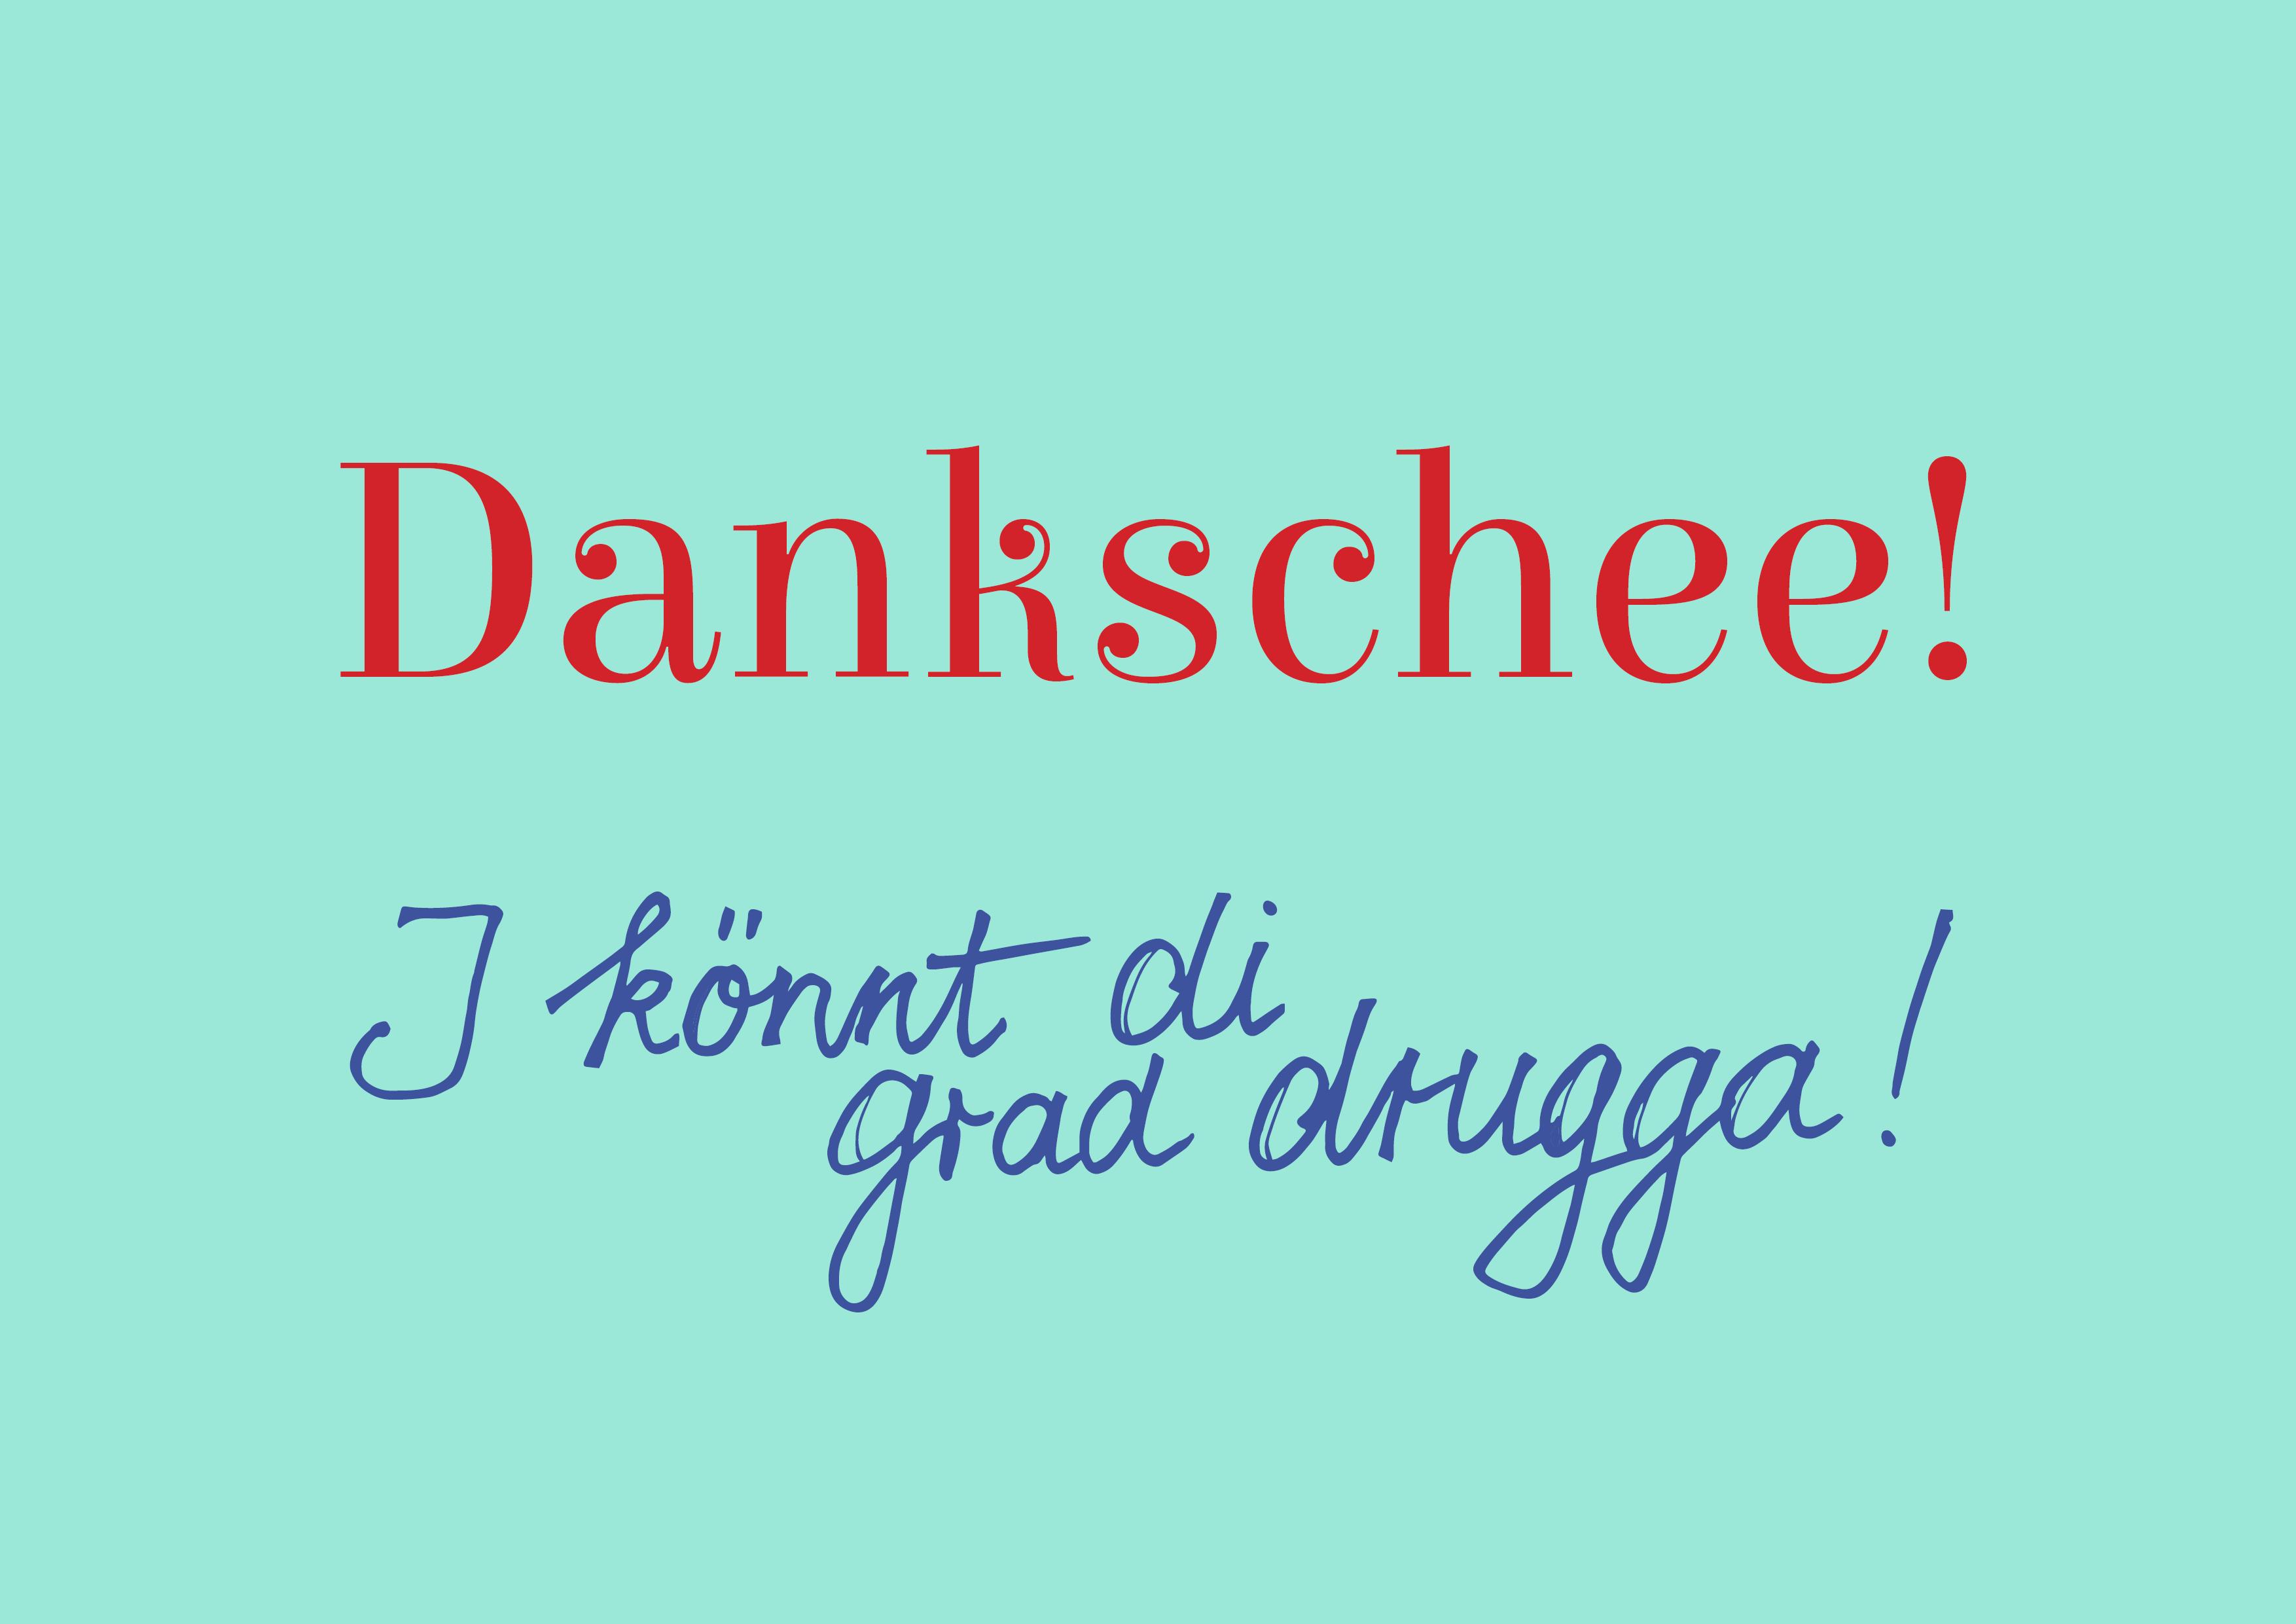 Grußkarte Dankschee I Könnt Di Grad Drugga Lustige Hochzeitszitate Schwäbische Sprüche Danke Spruch Geburtstag